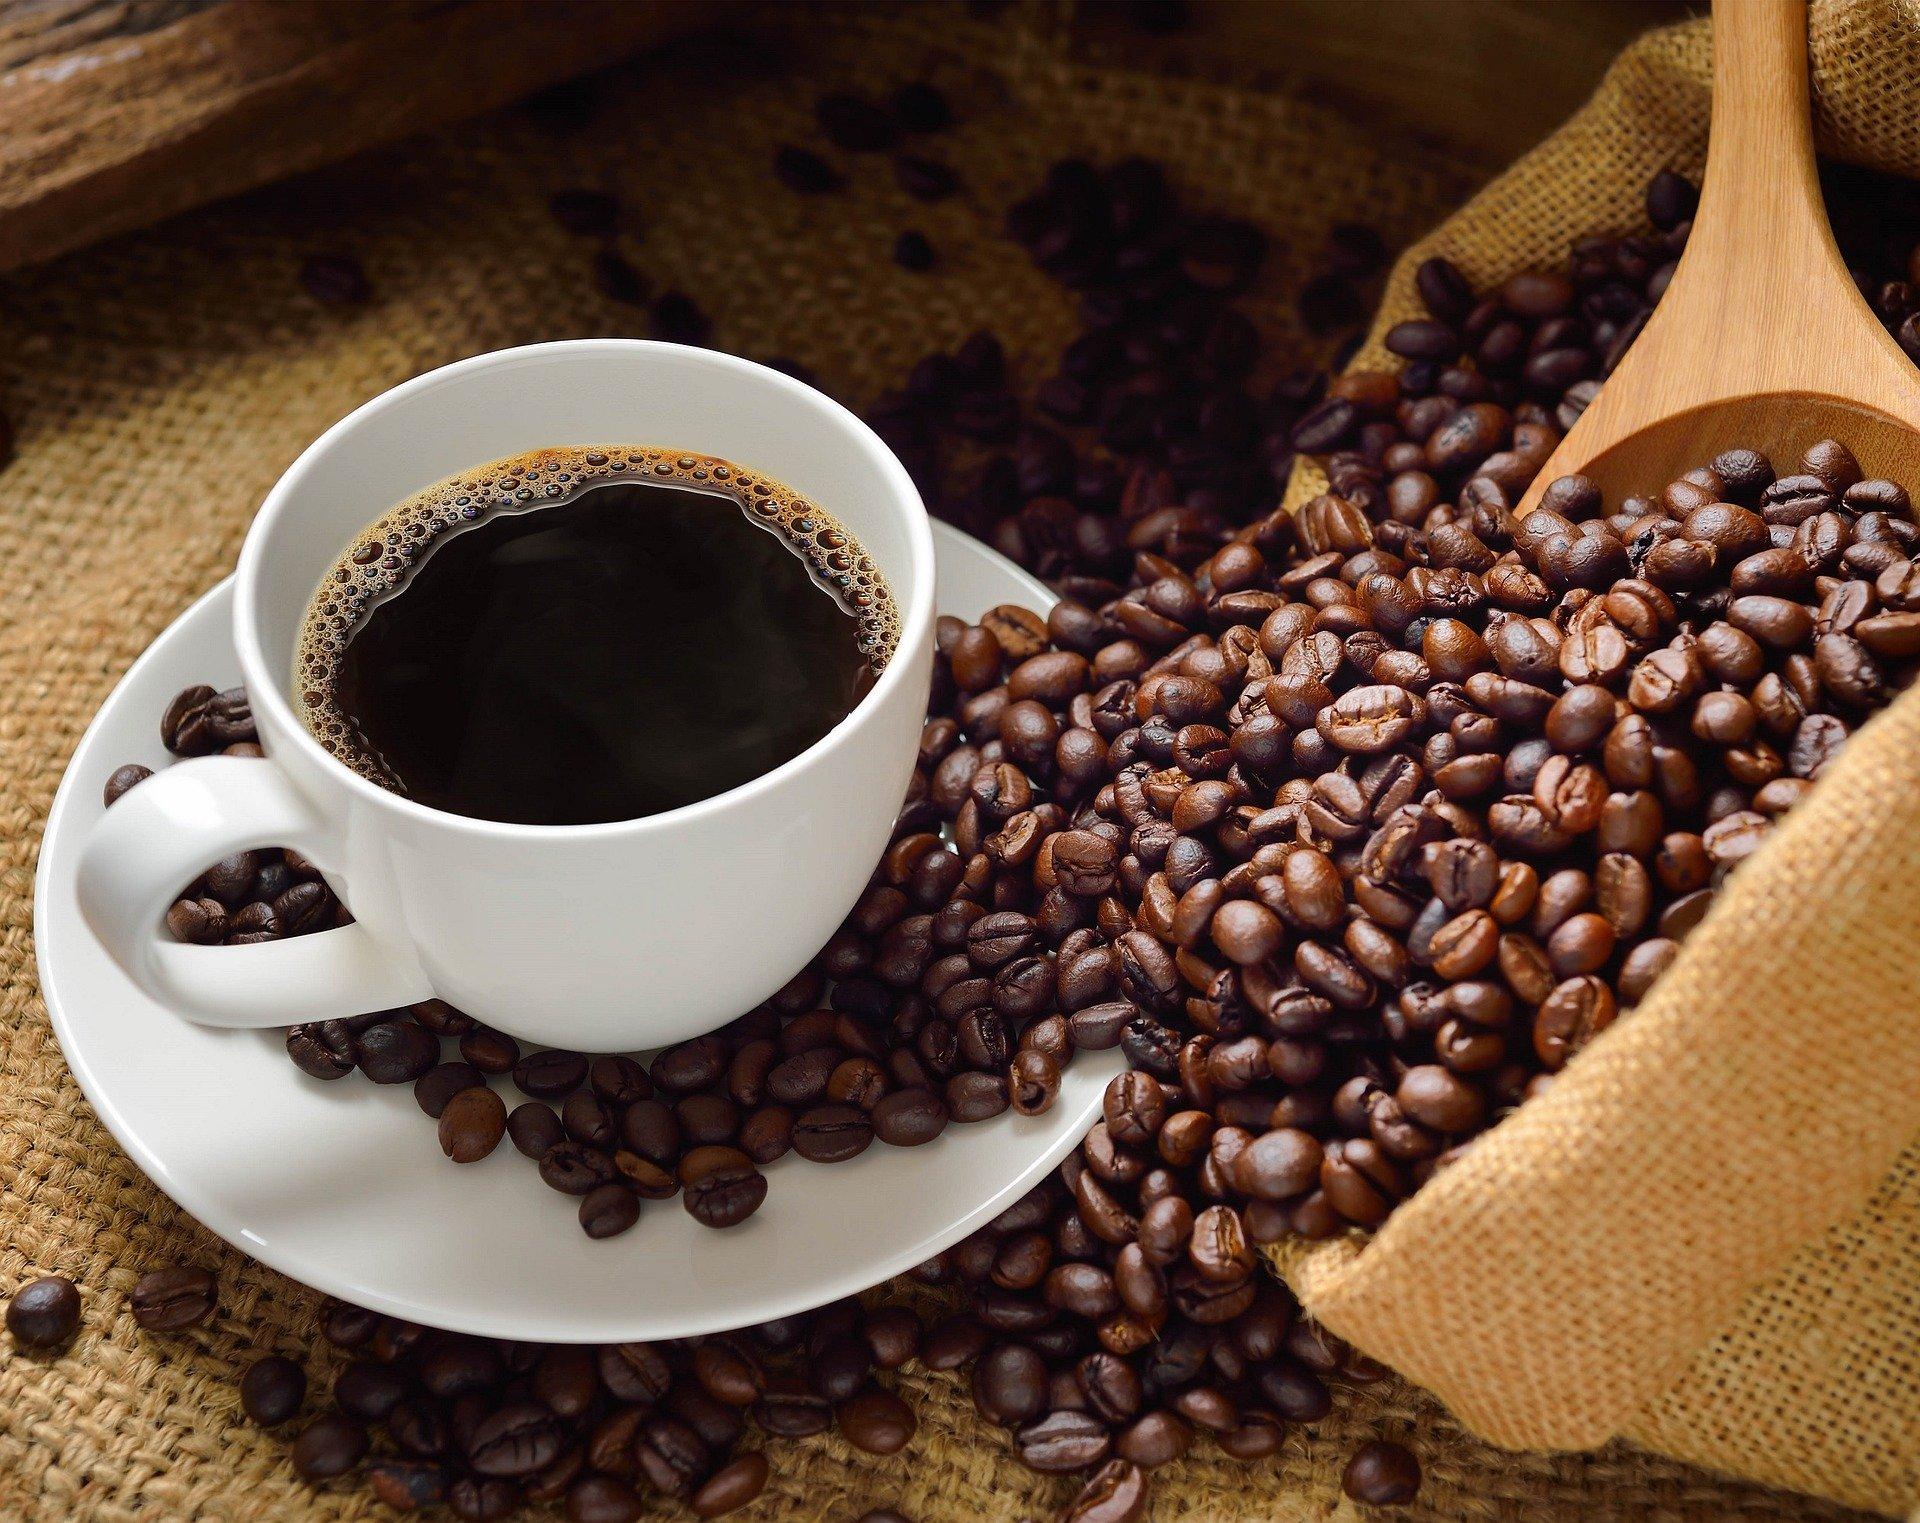 ajută la cafeaua neagră pentru pierderea în greutate